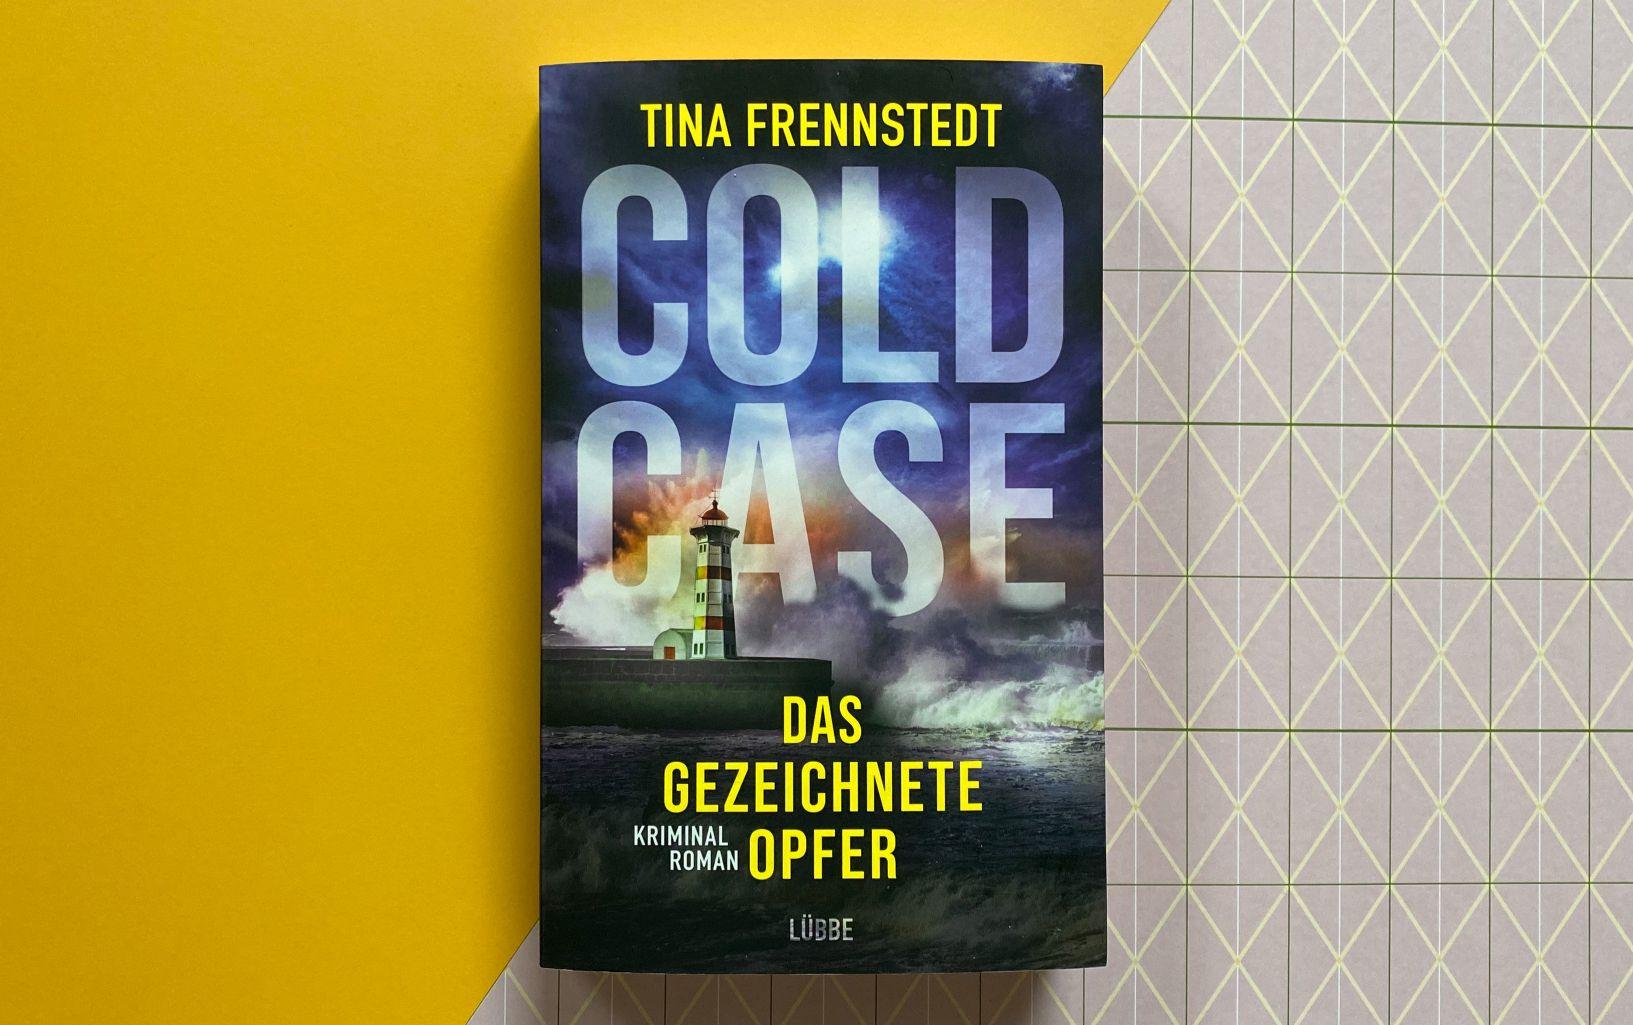 Tina Frennstedt Cold Case Das gezeichnete Opfer Kriminalroman Krimi Schweden Malmö